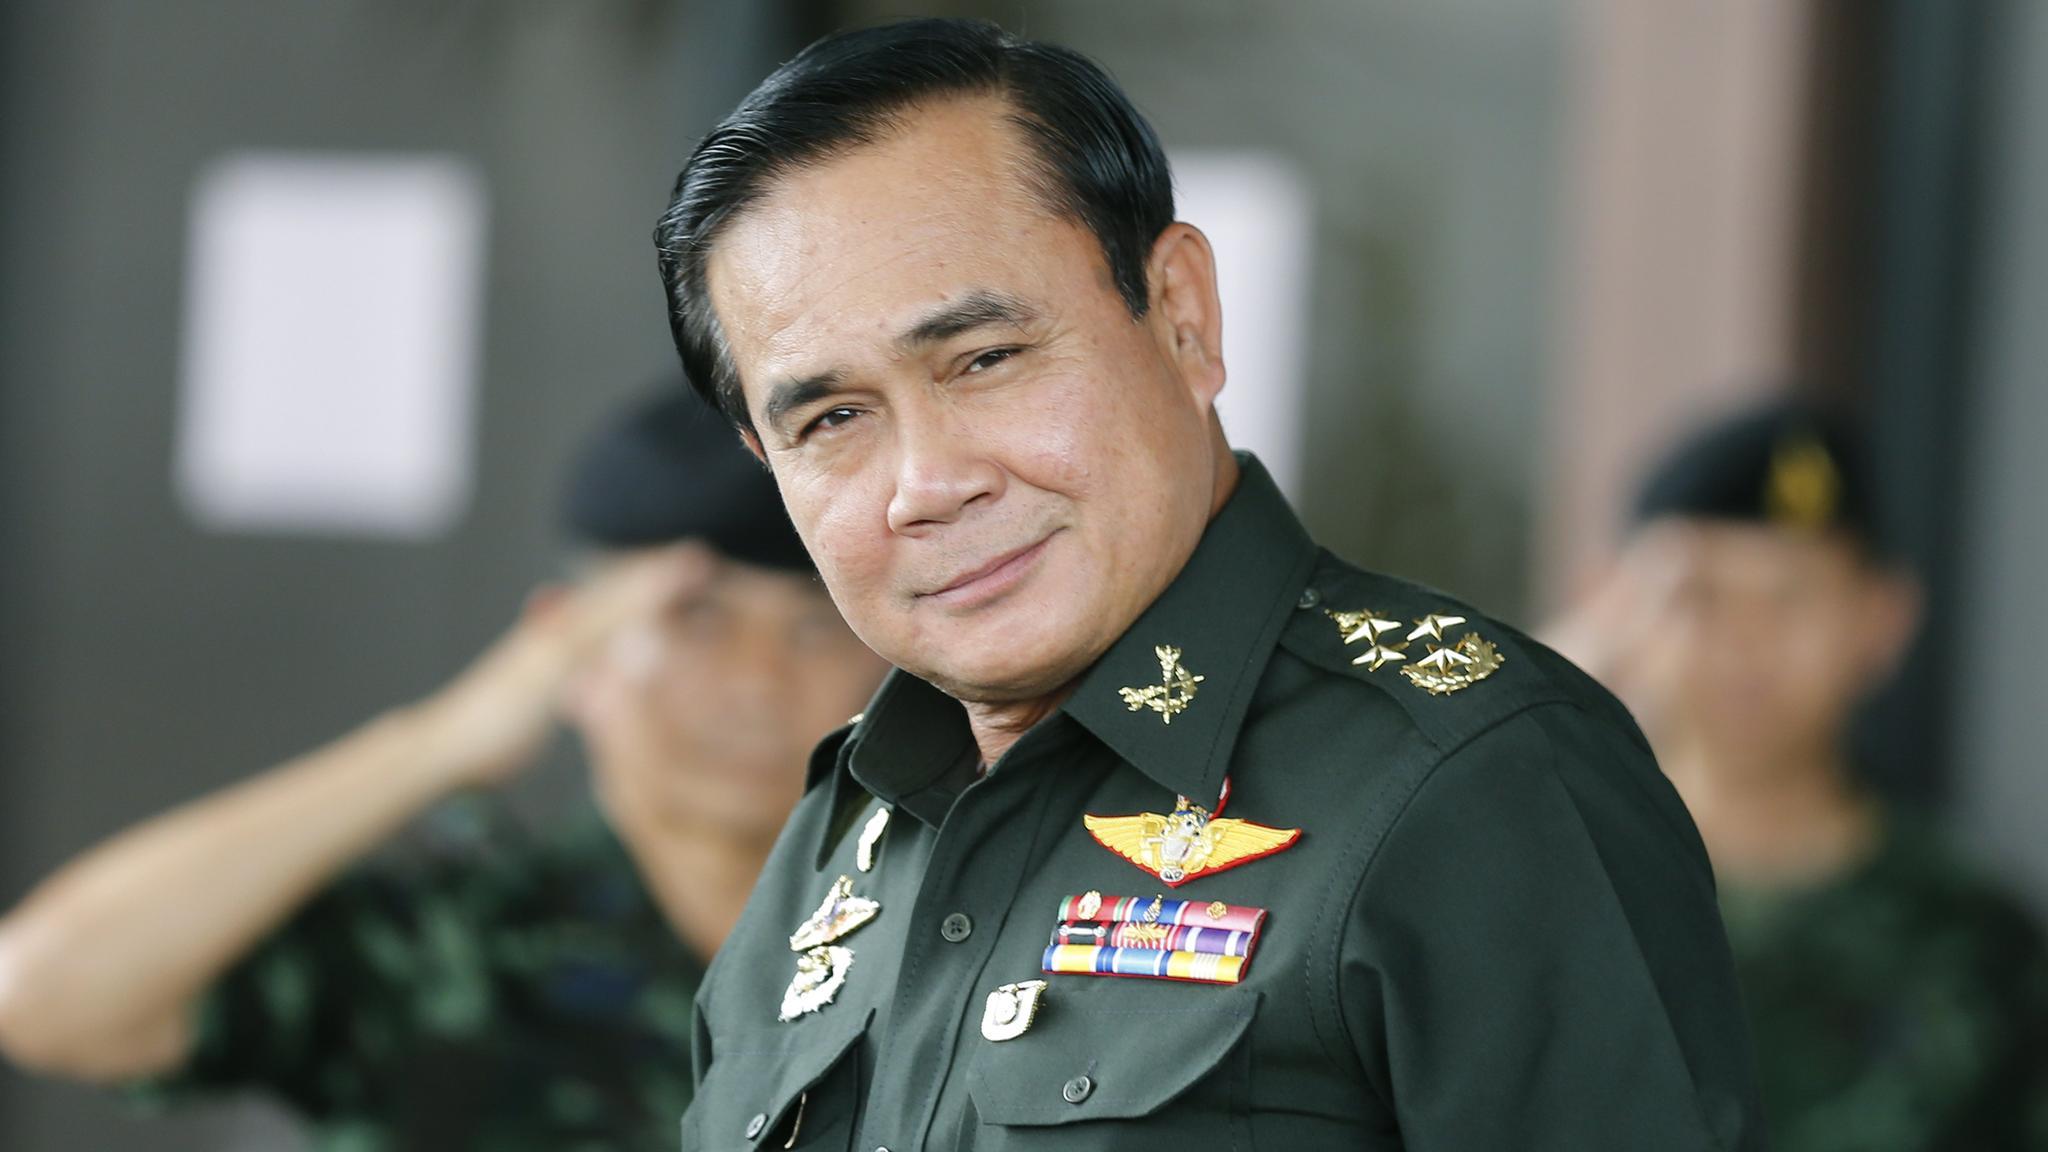 Tiêu điểm - Cục diện chính trường Thái Lan sau phiên tòa xử cựu Thủ tướng Yingluck (Hình 2).